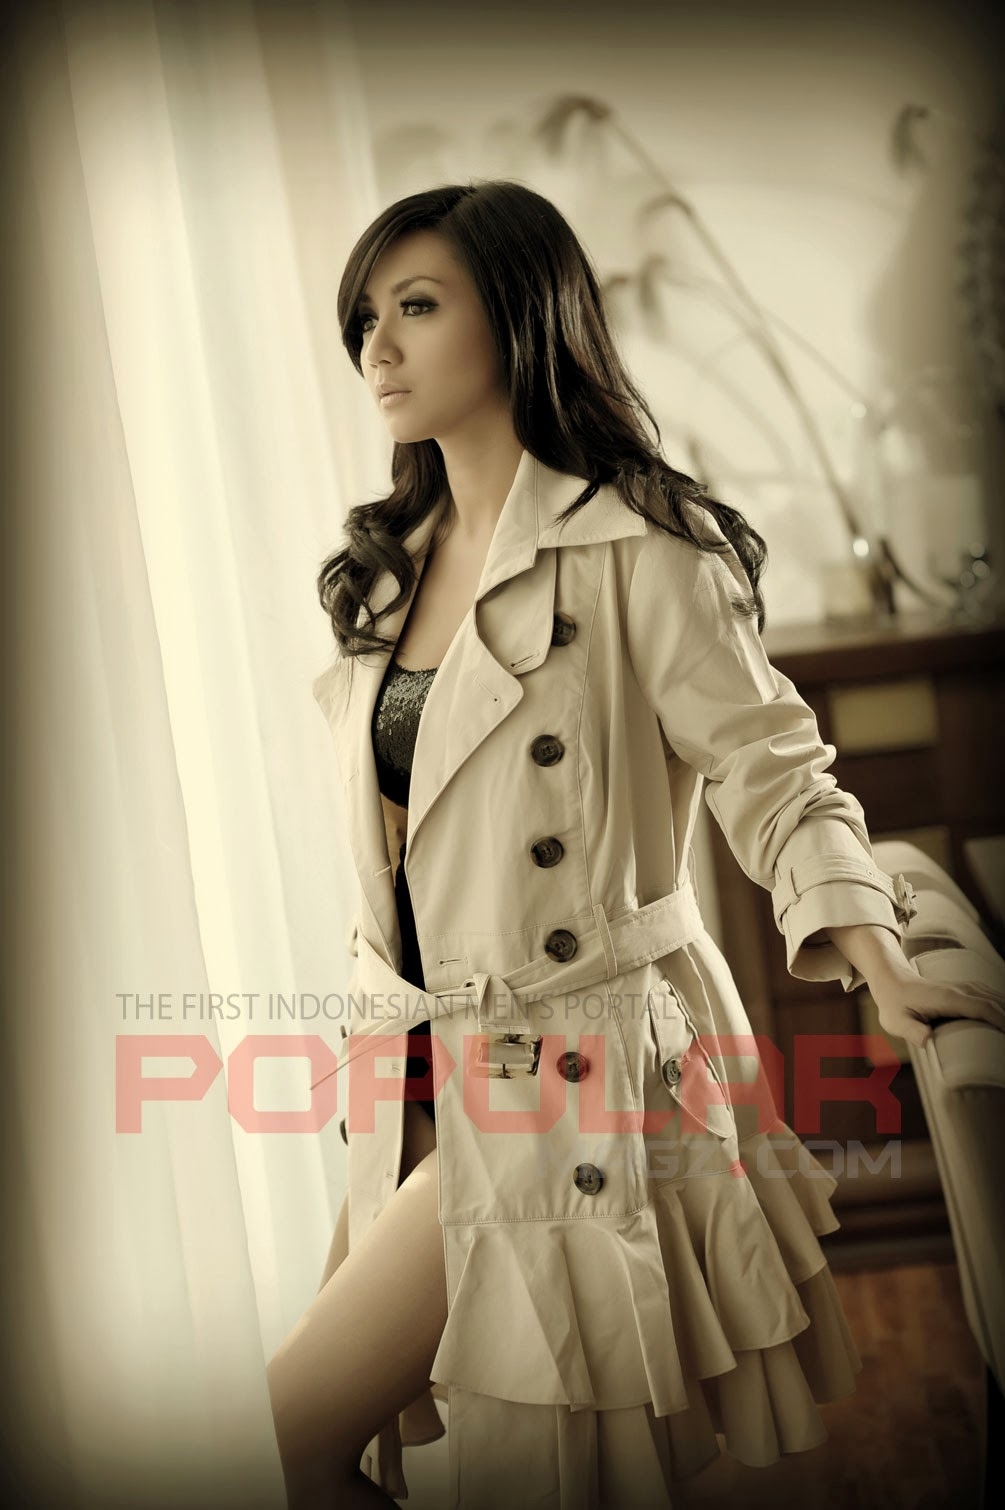 Galeri Foto Wiwid Gunawan di Majalah Popular